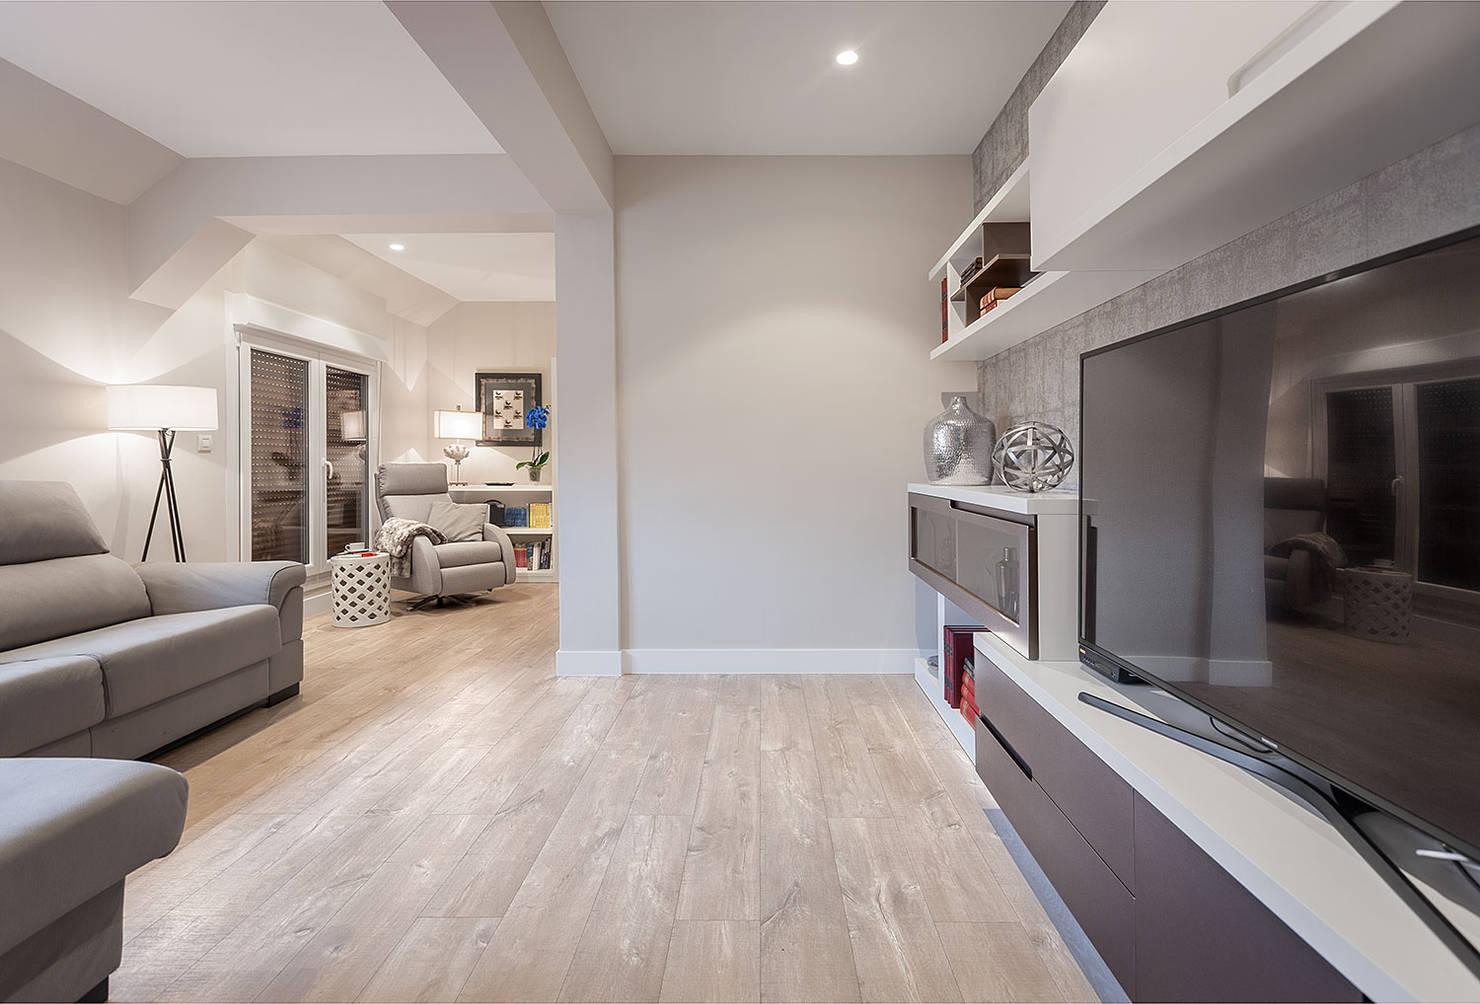 Colores neutros para una casa ¡siempre perfecta!